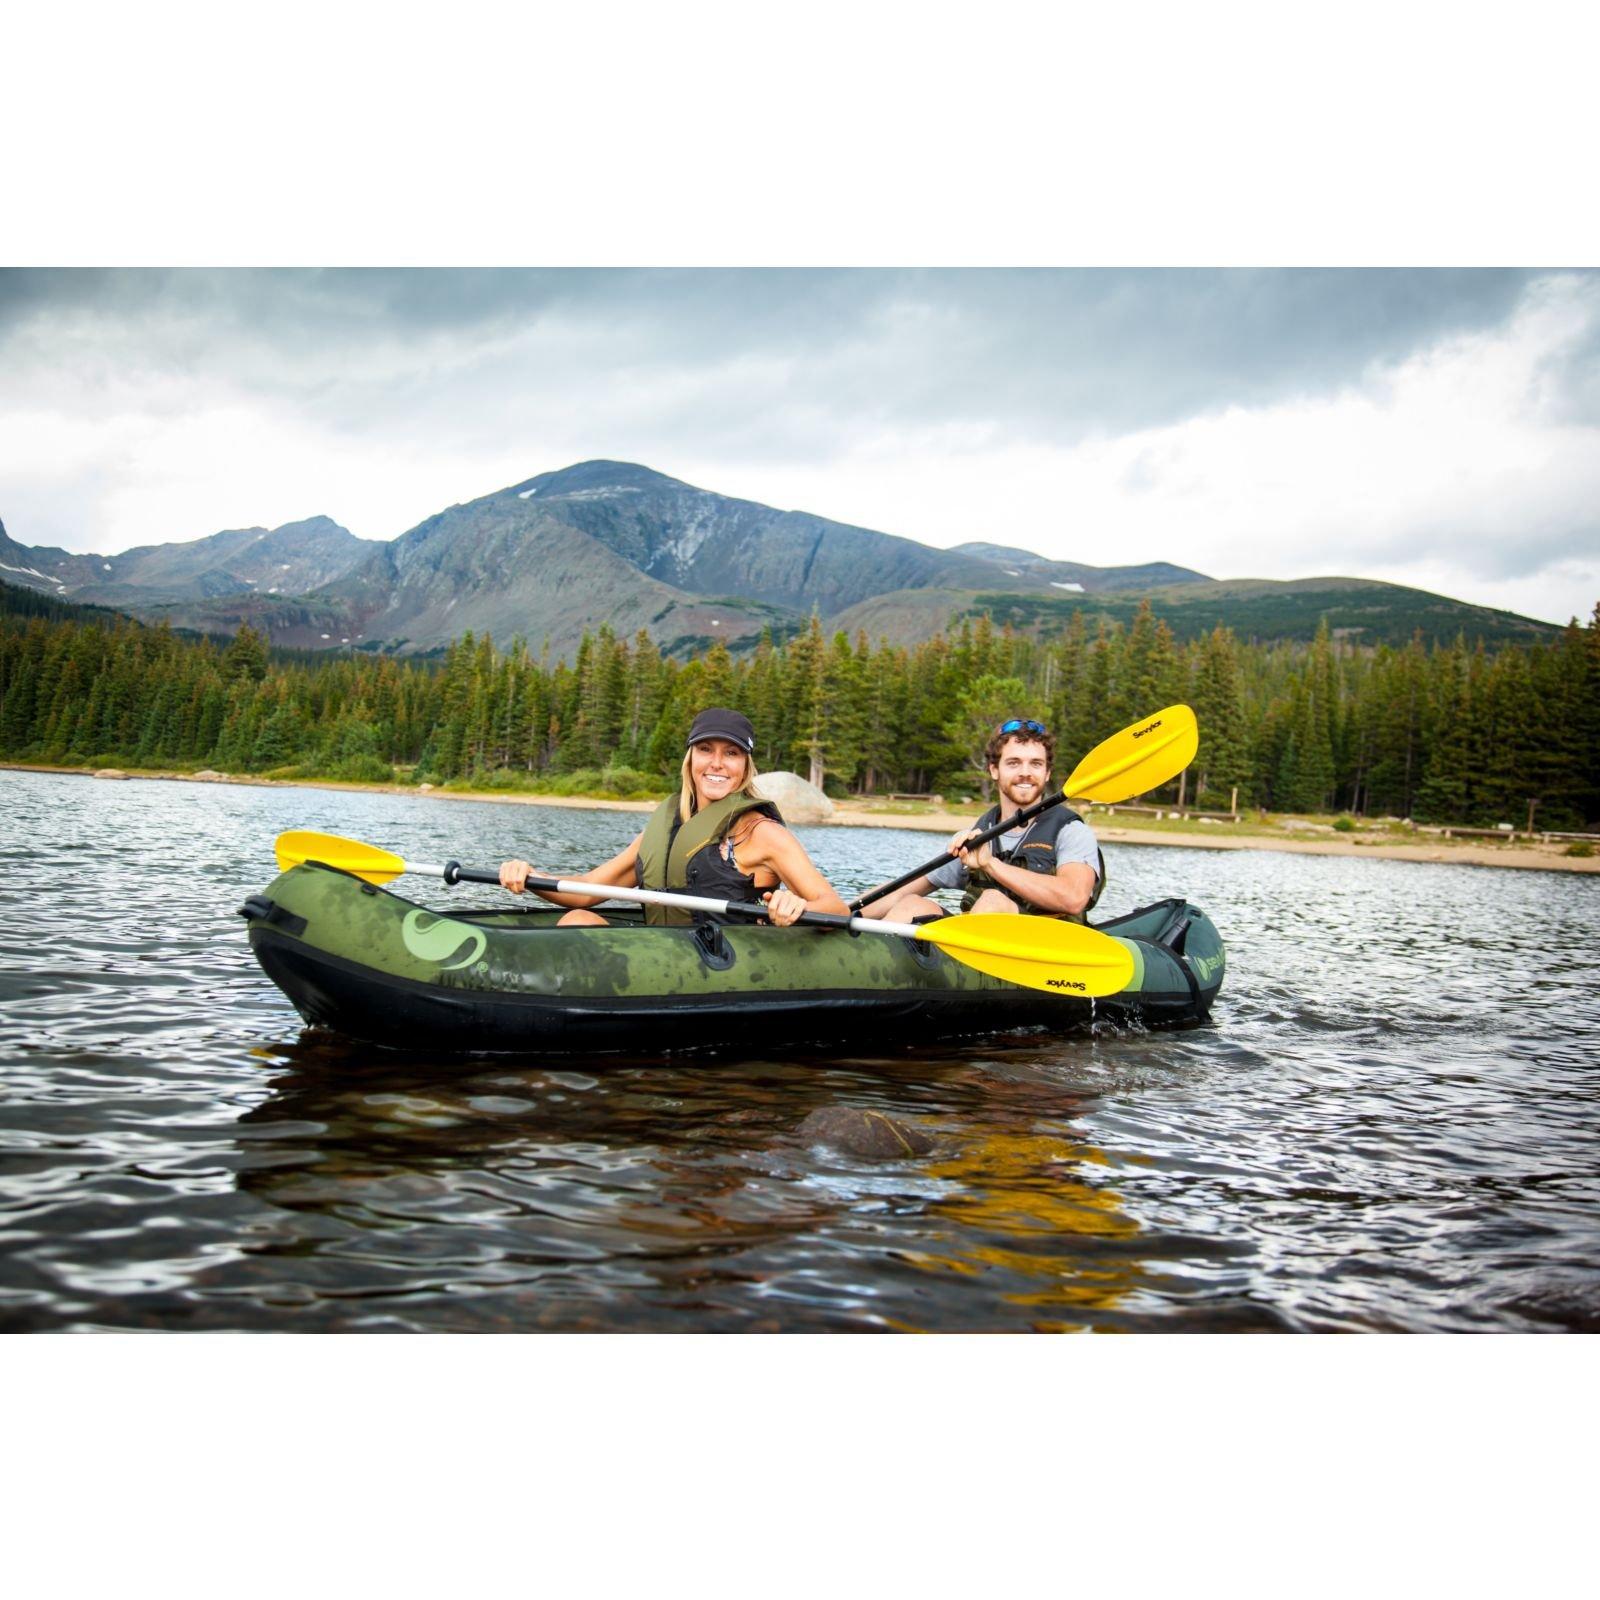 Sevylor Coleman Colorado 2-Person Fishing Kayak by Sevylor (Image #2)